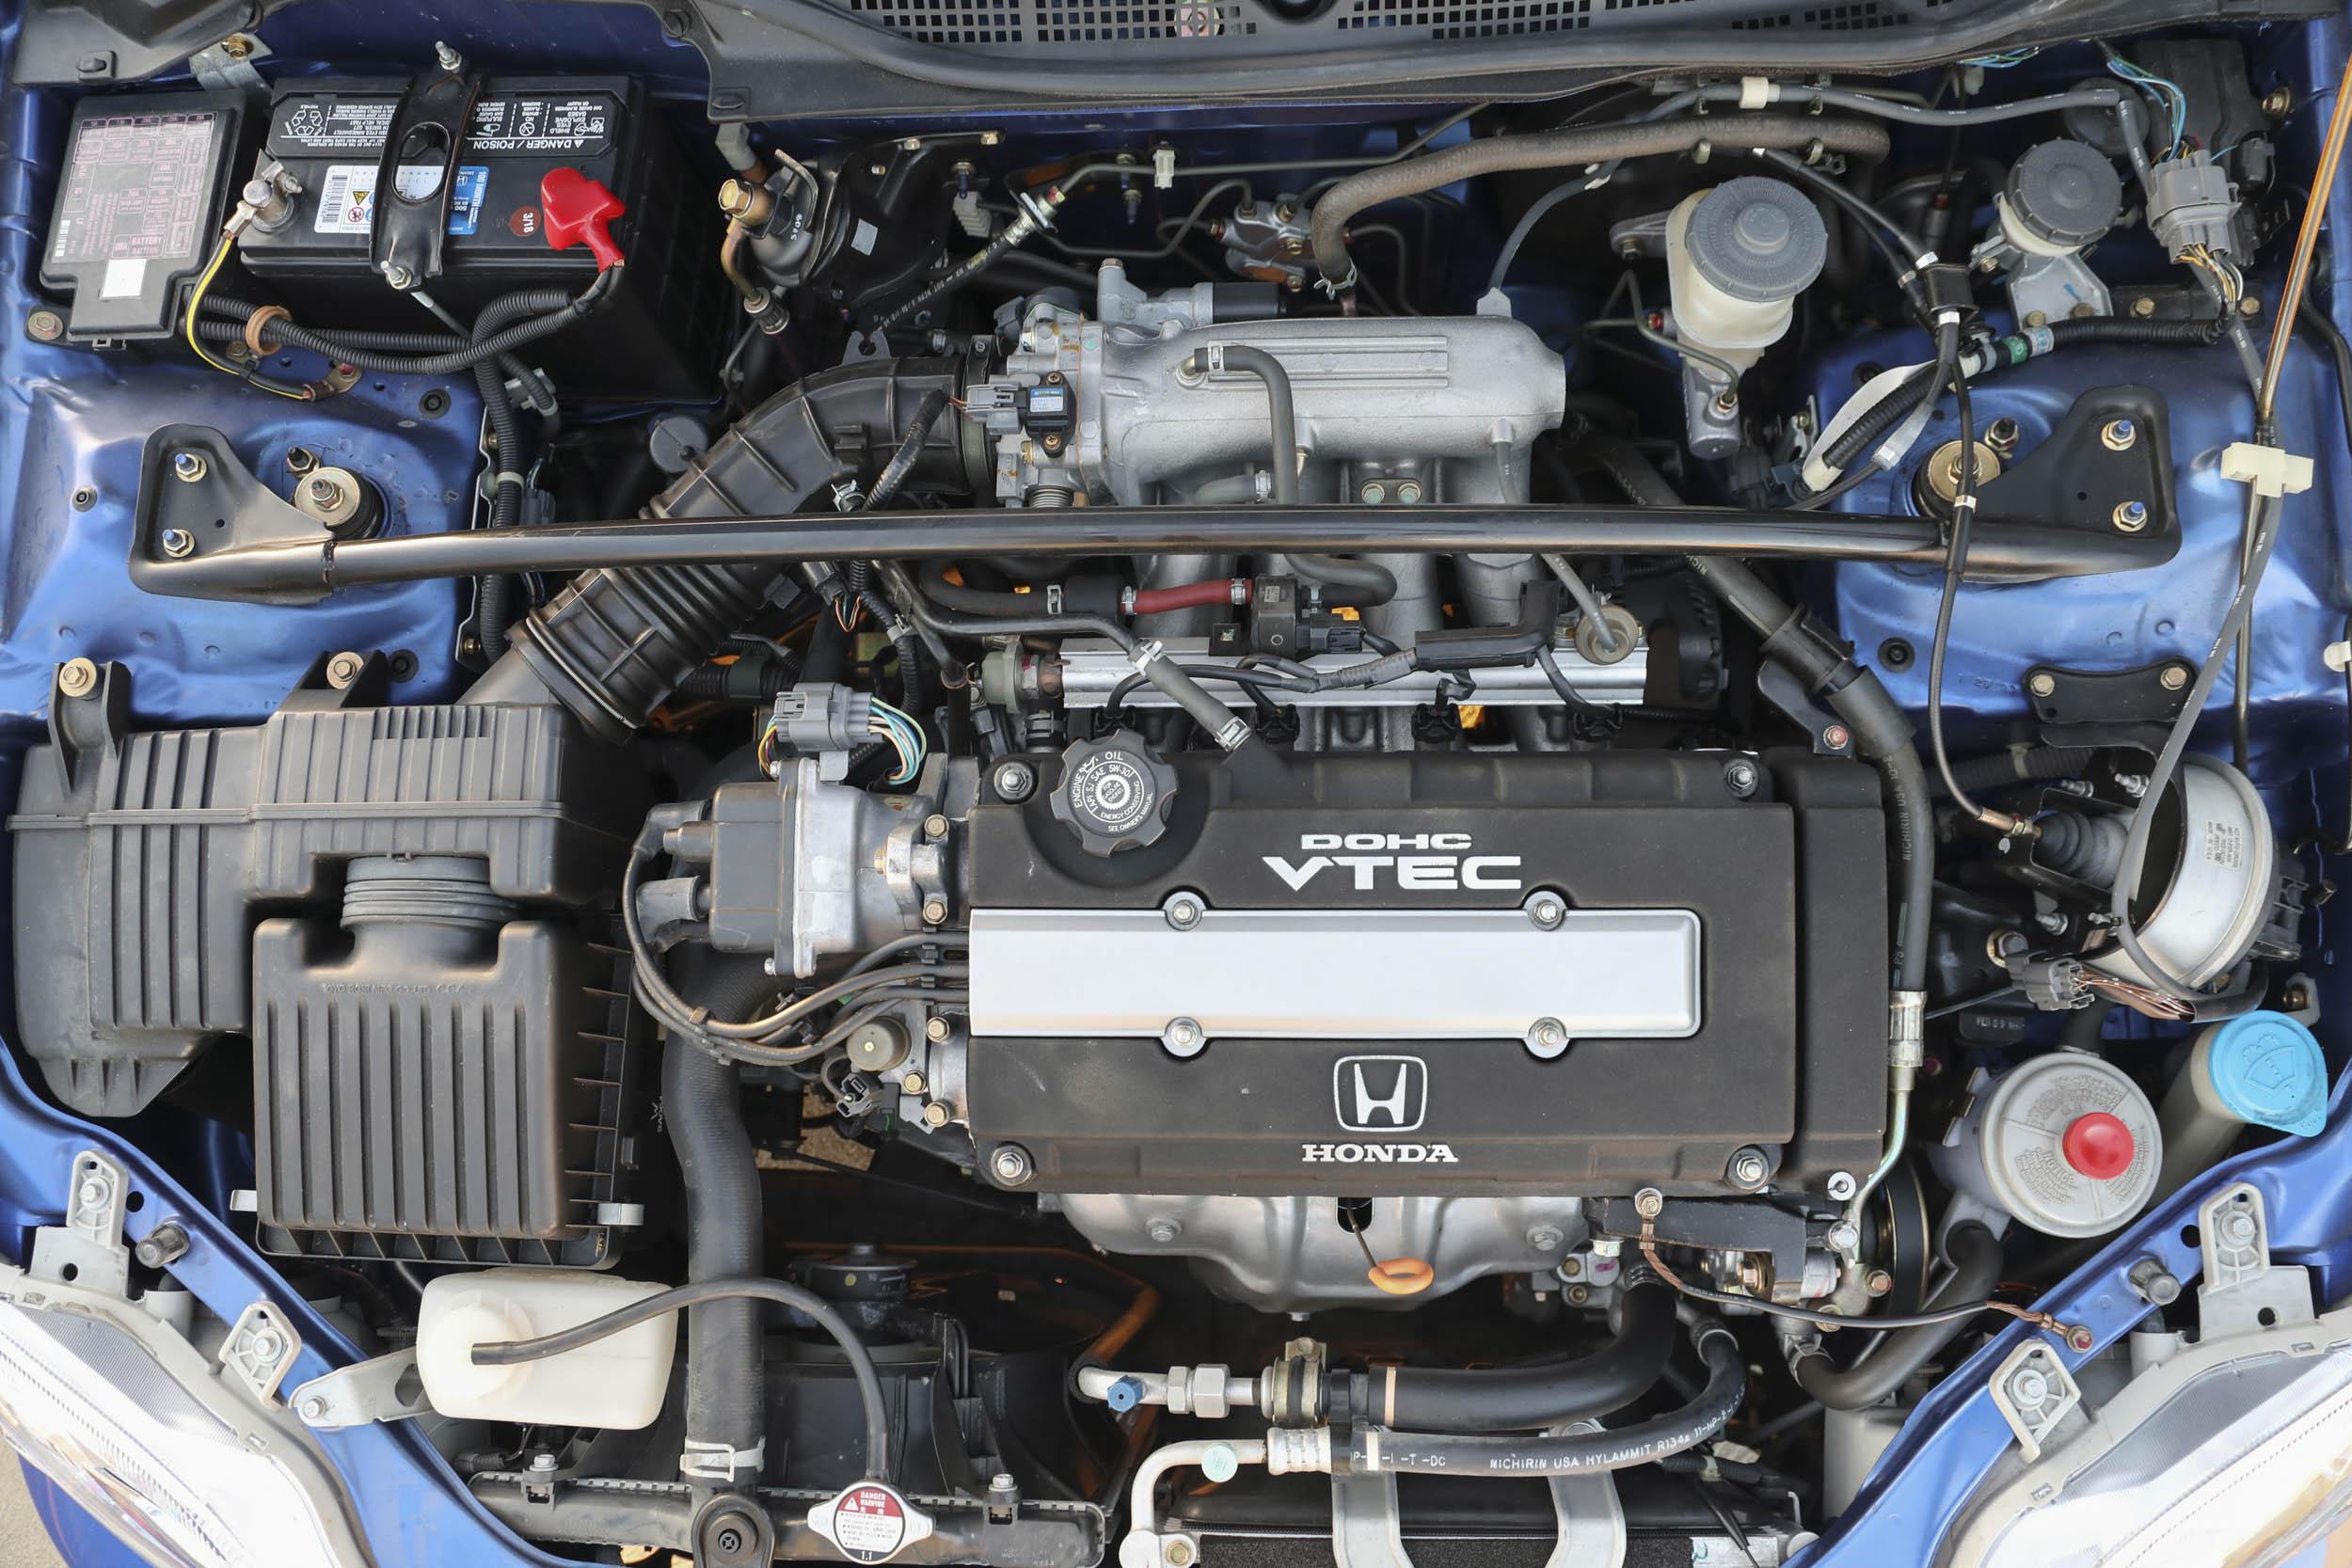 1999 Honda Civic Si engine bay